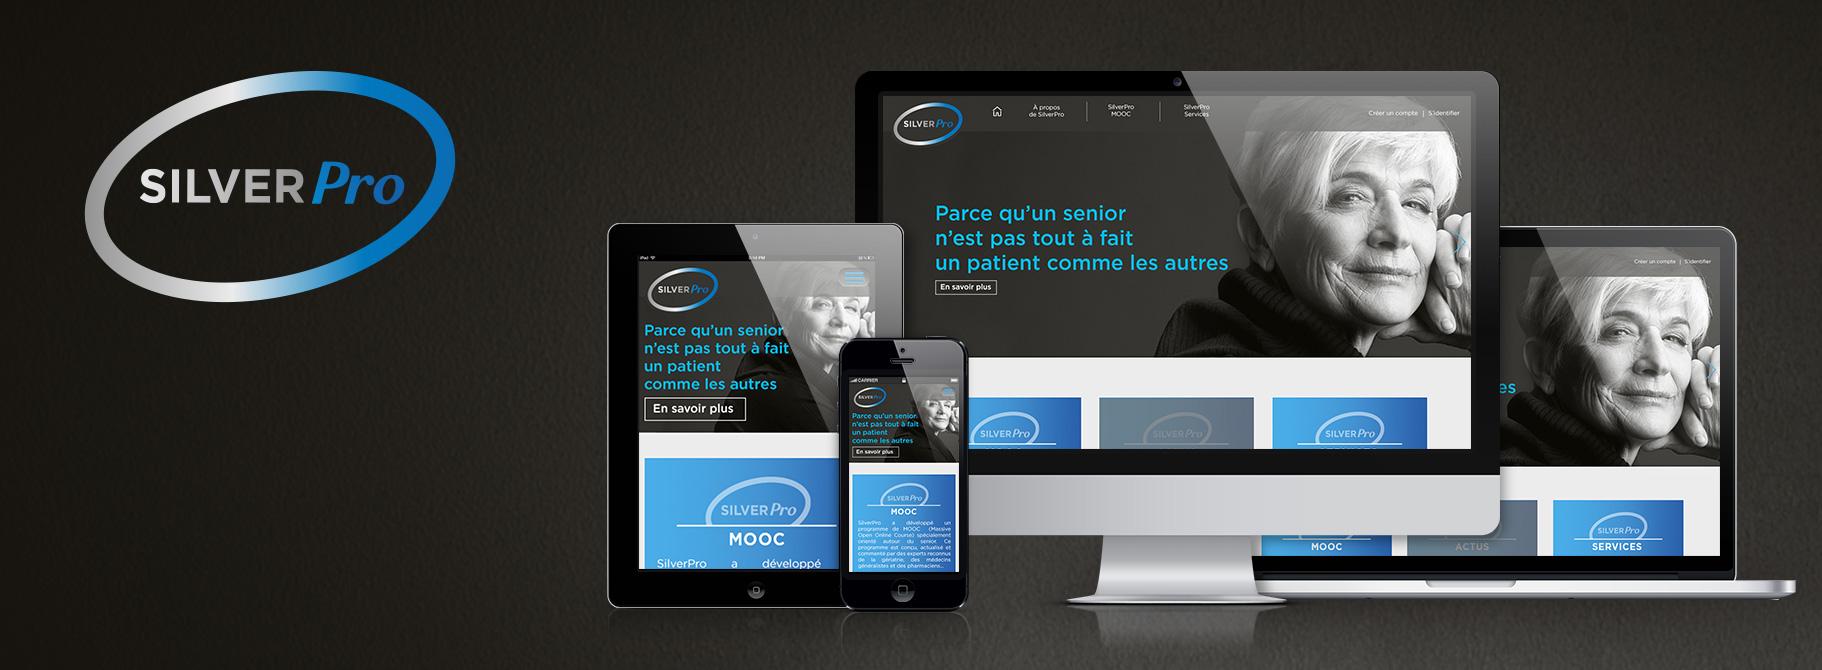 Plateforme web SilverPro pour accompagner les professionnels de santé sur les problématiques liées au patient senior.